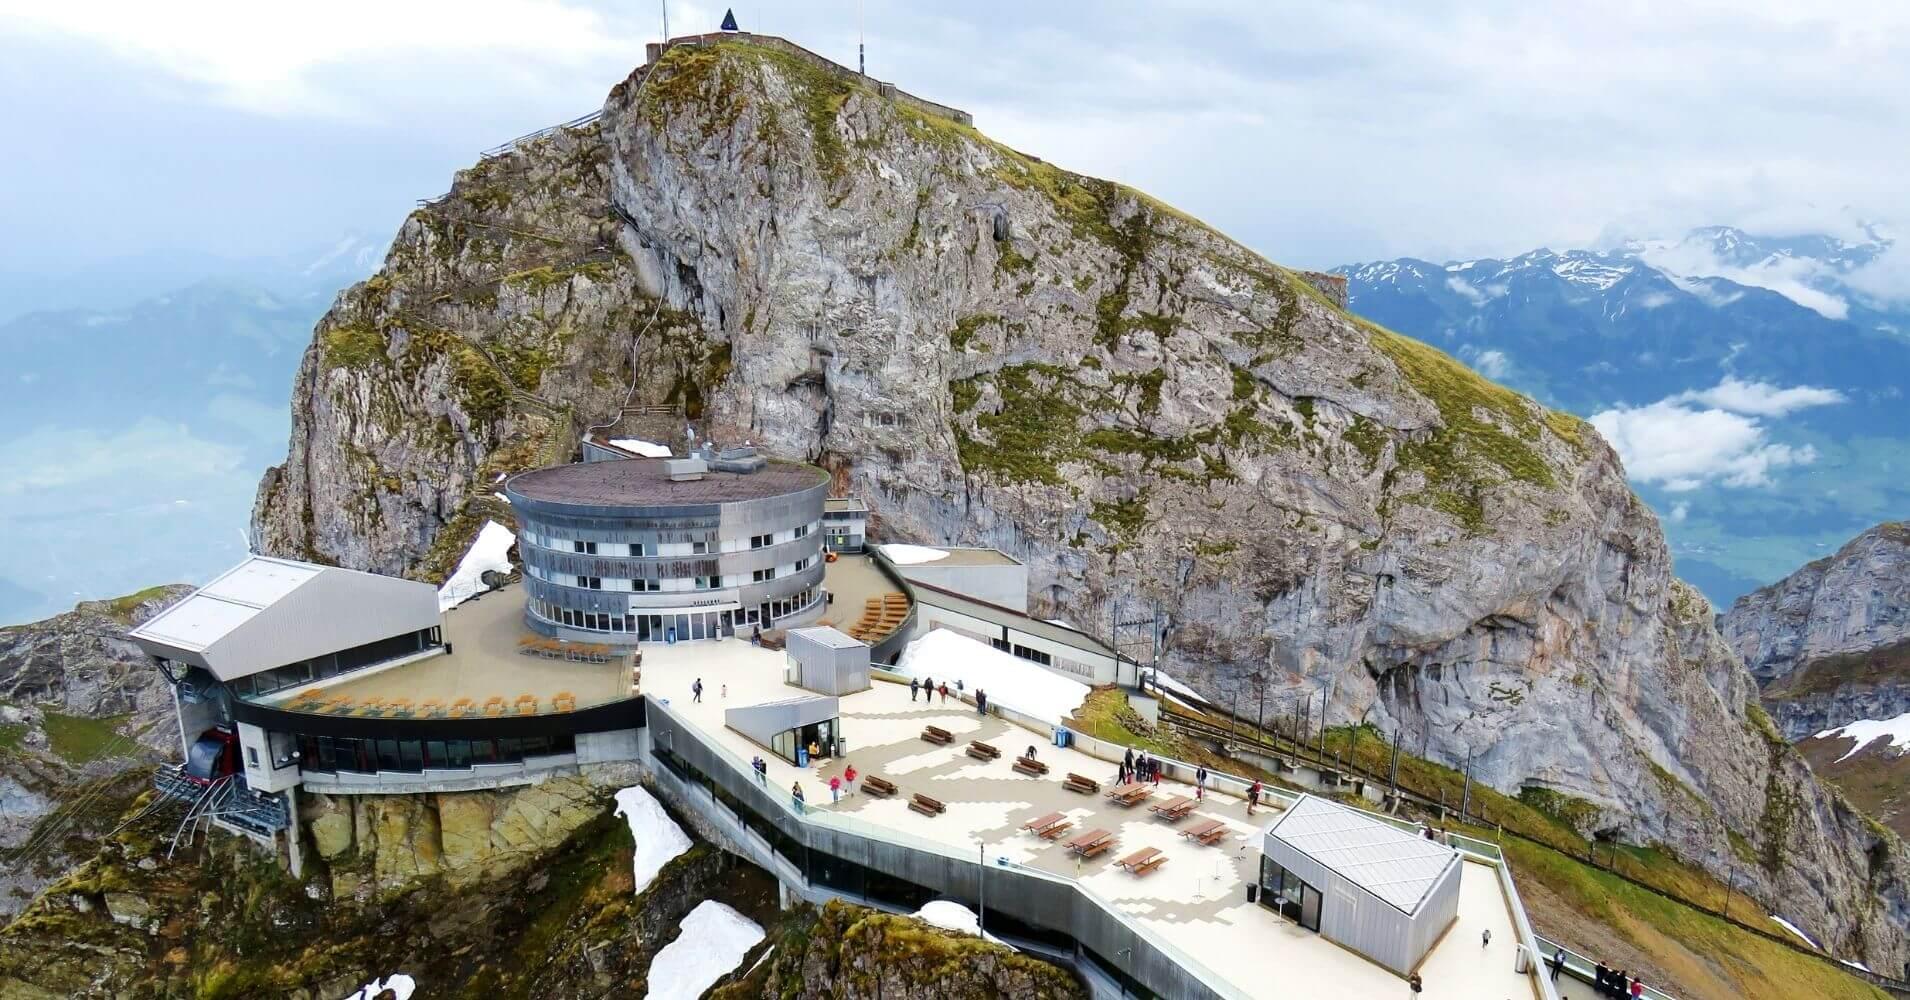 Estación Alta del Monte Pilatus. Suiza.